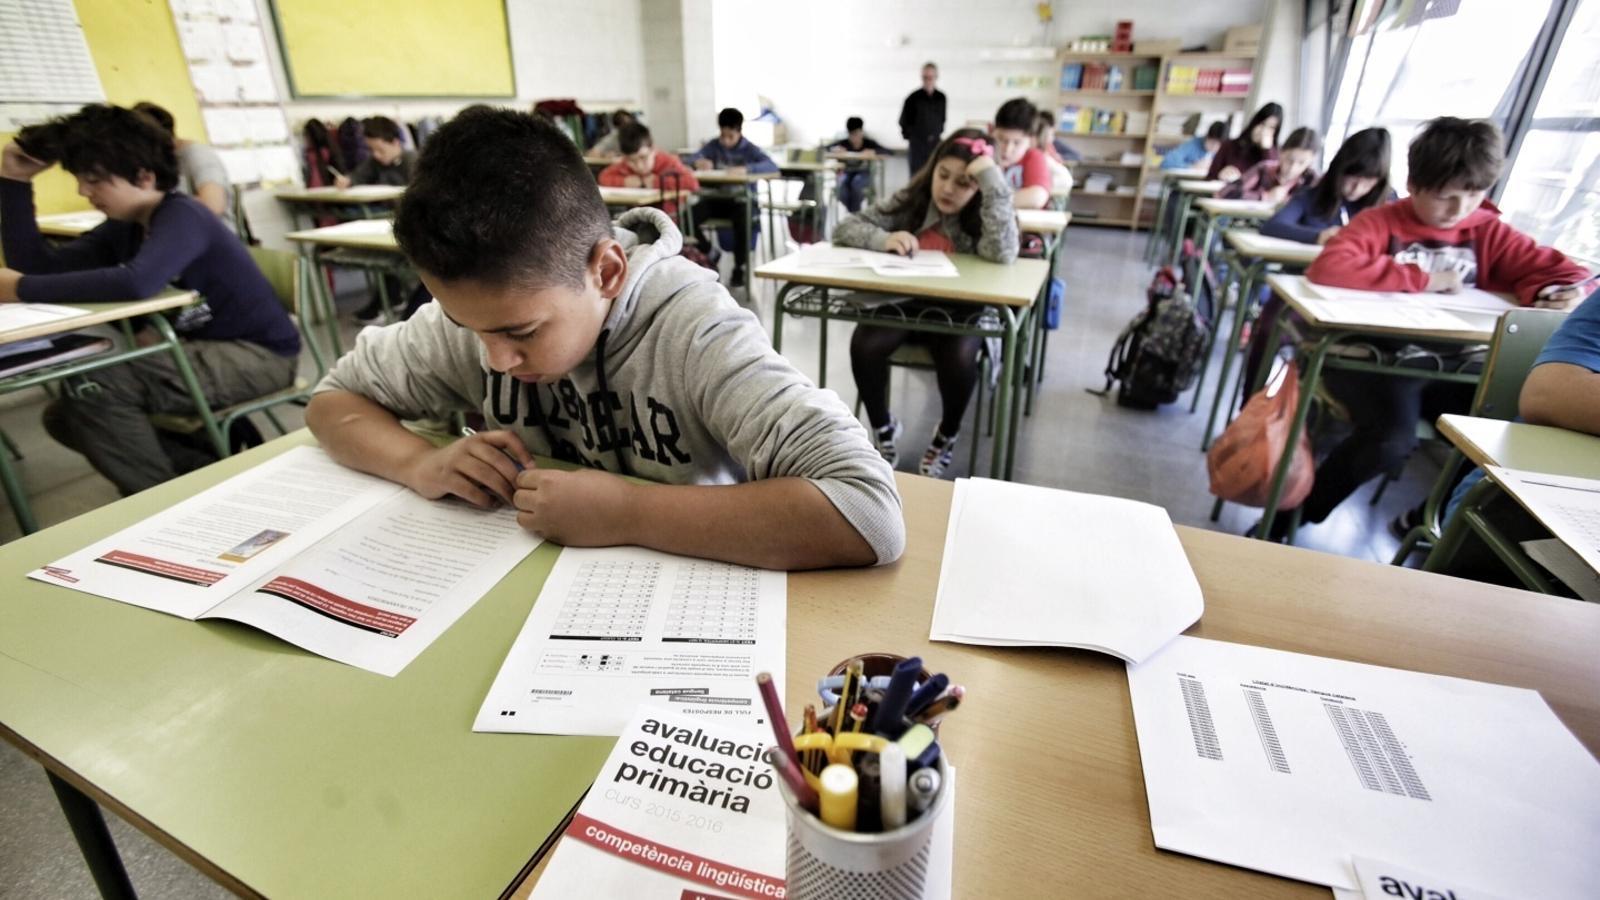 Alumnes de l'escola Carlit, fent les proves de sisè de primària